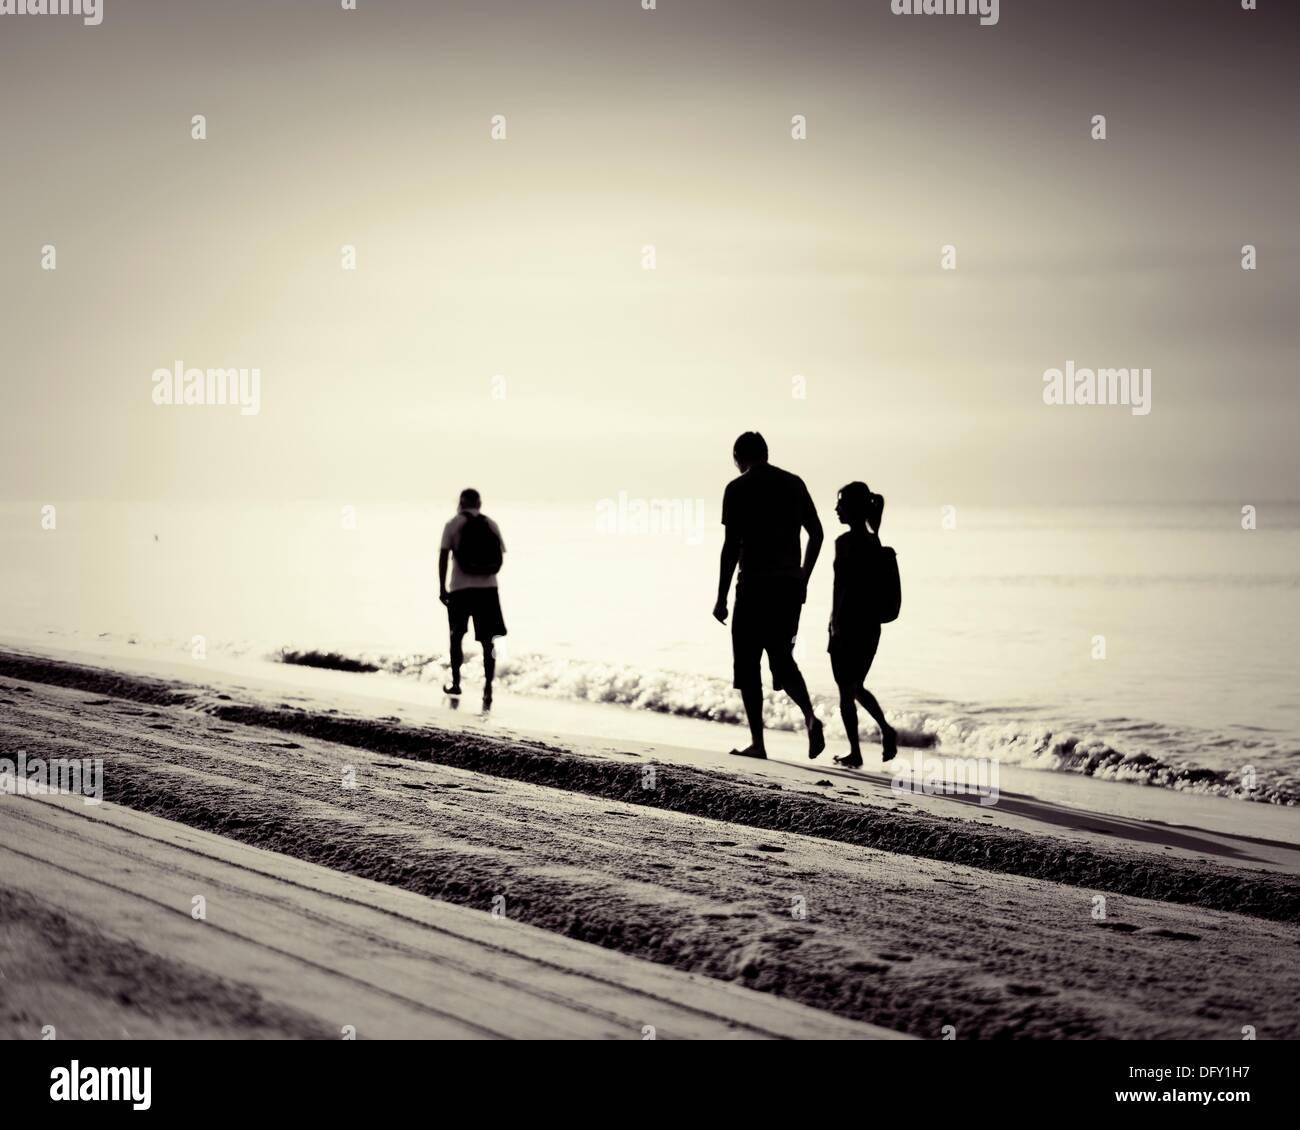 Gli escursionisti lungo il mare all'alba Mare Mediterraneo Costa Dorada Spagna Immagini Stock